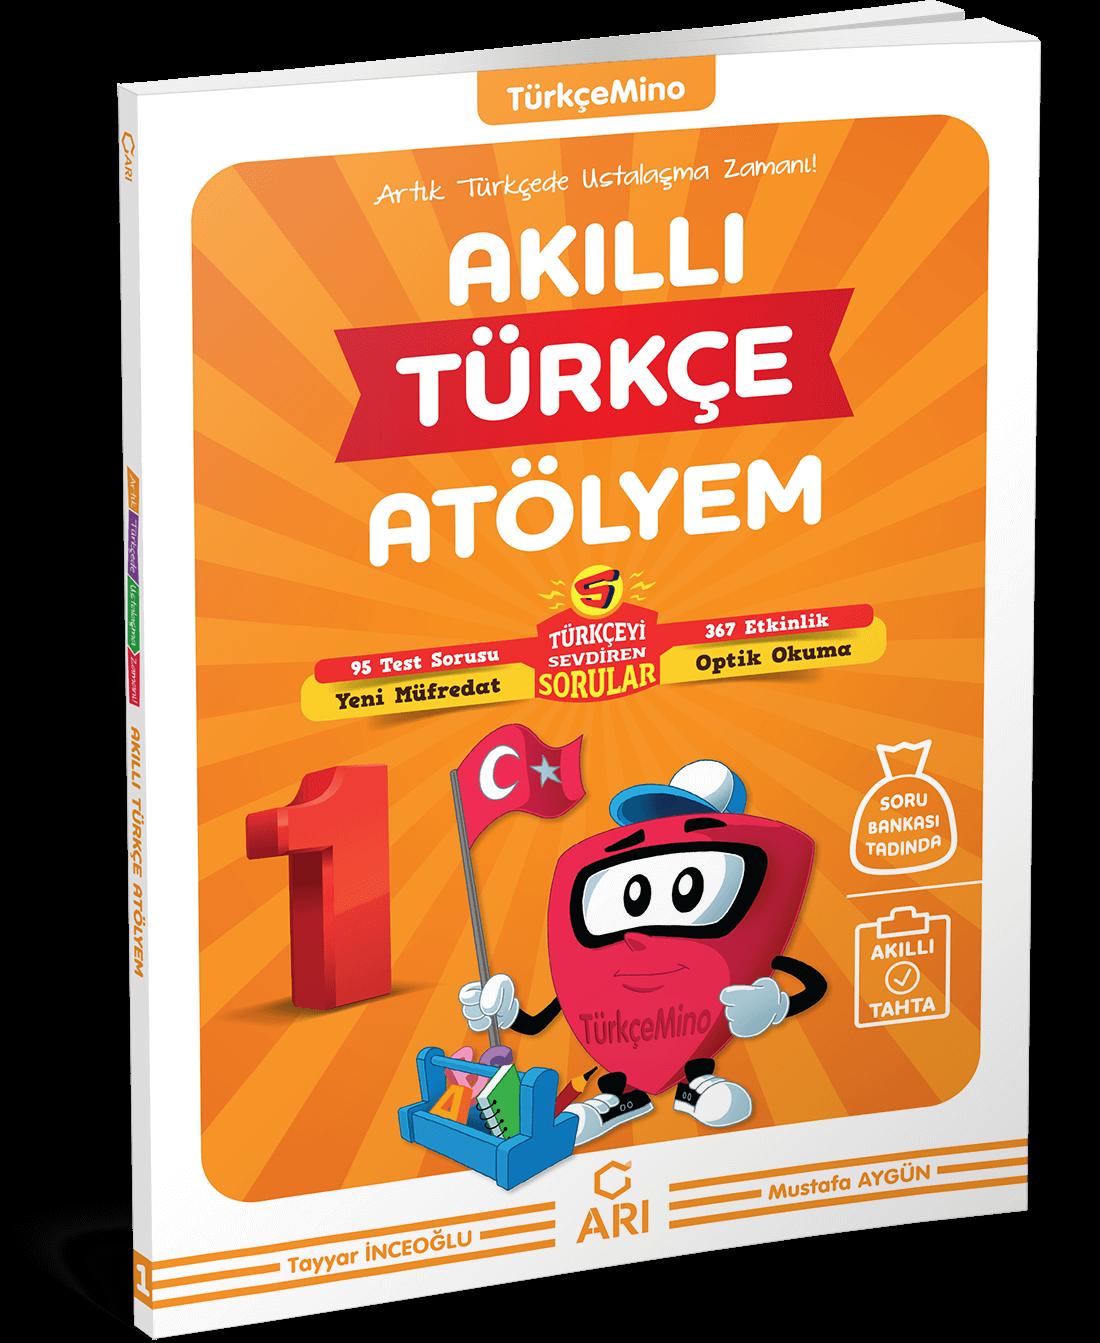 TürkçeMino Akıllı Türkçe Atölyem 1. Sınıf